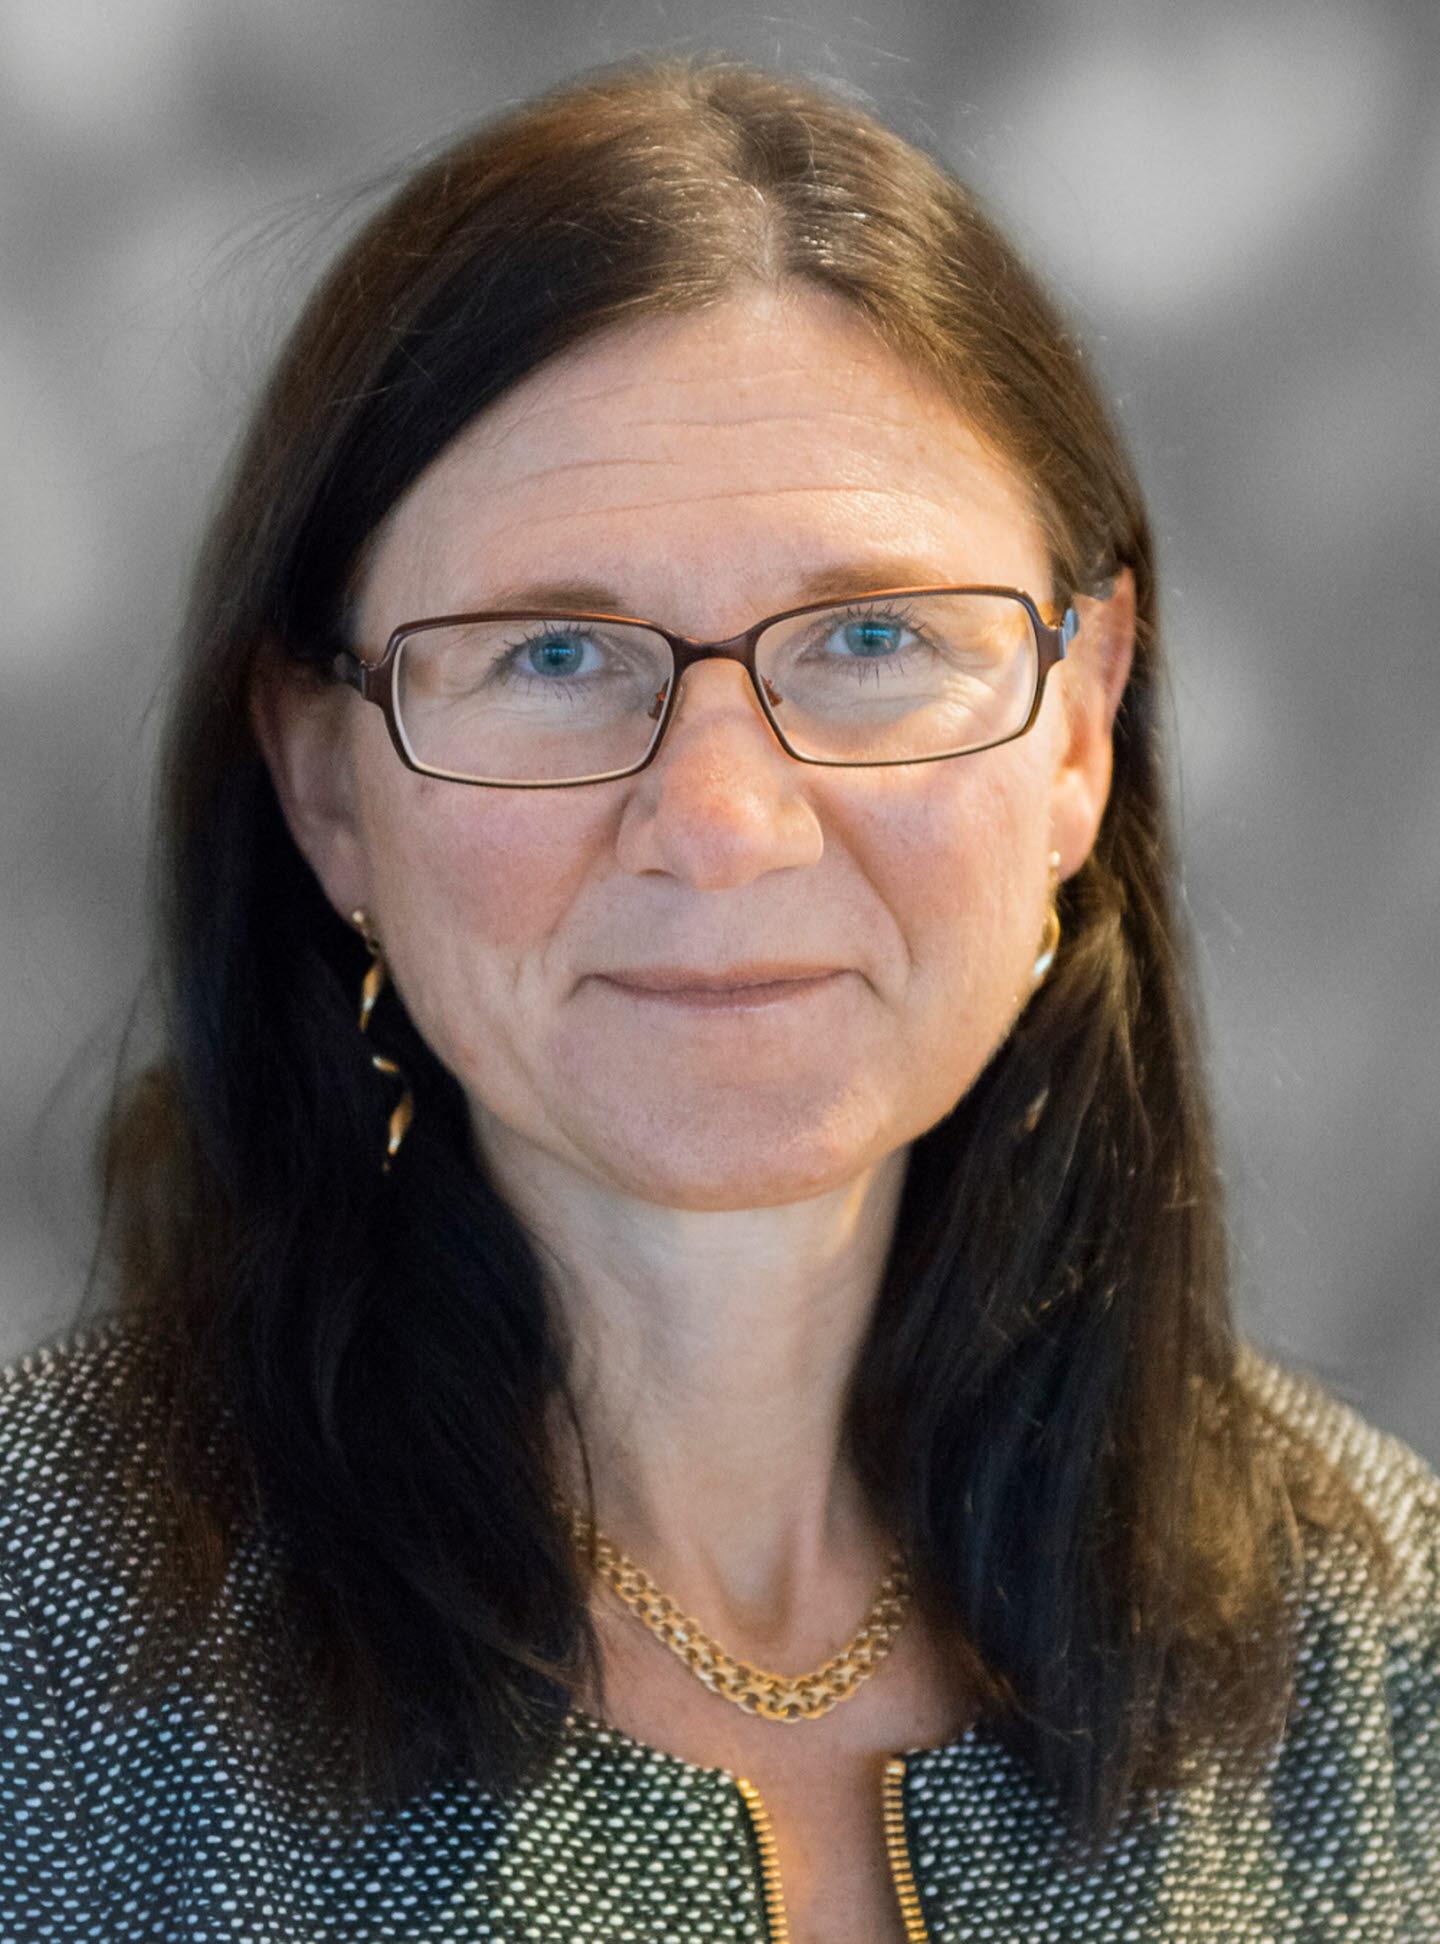 Charlotte Bengtsson, styrelse, board, SCA